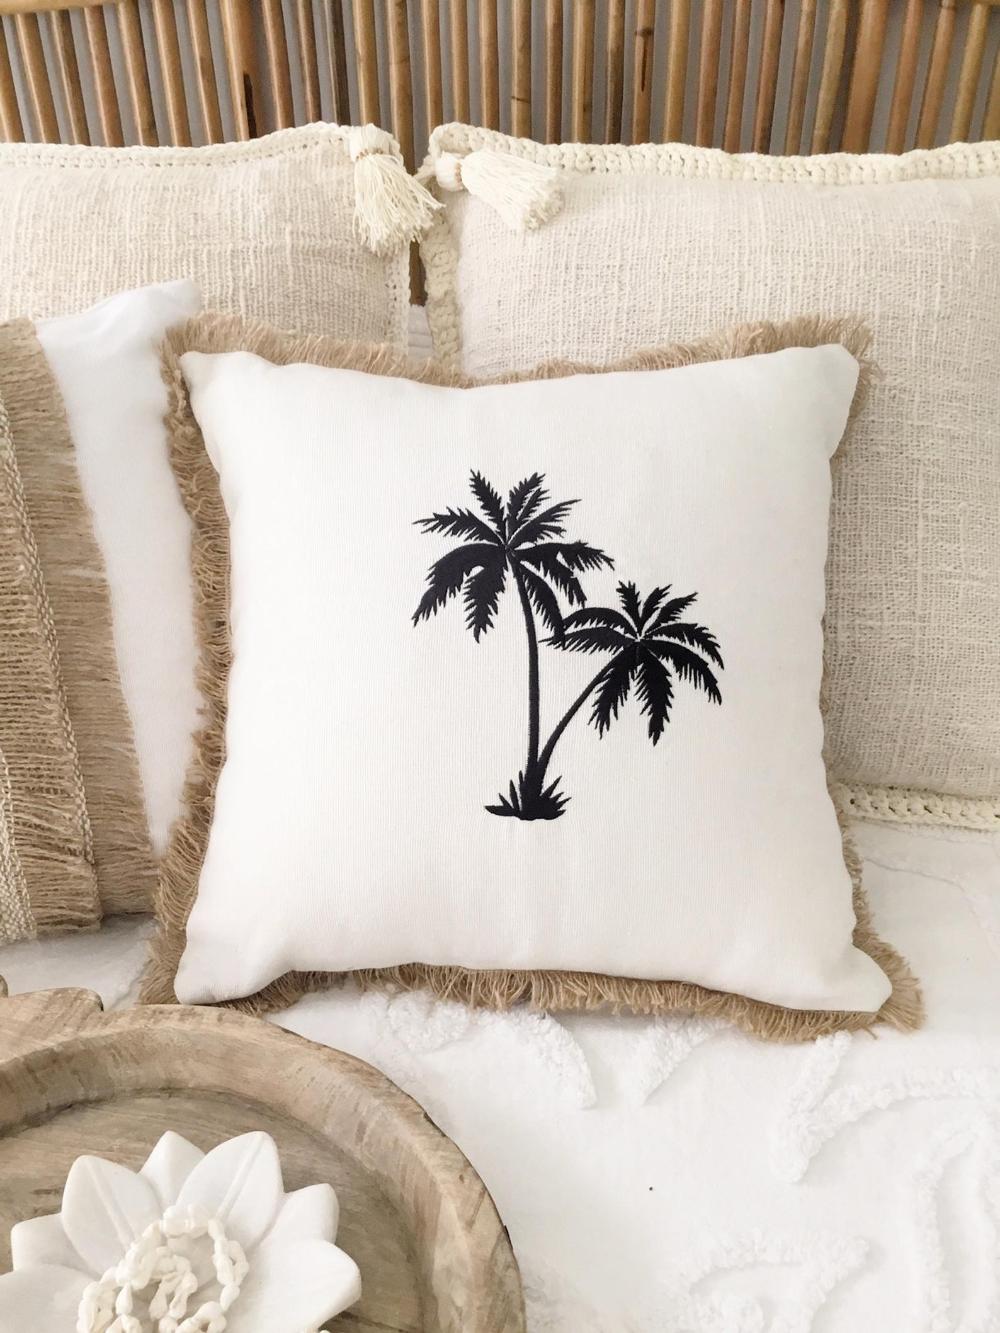 Island Boho Embroidered Palm Tree Cushion Cover   Palm tree ...